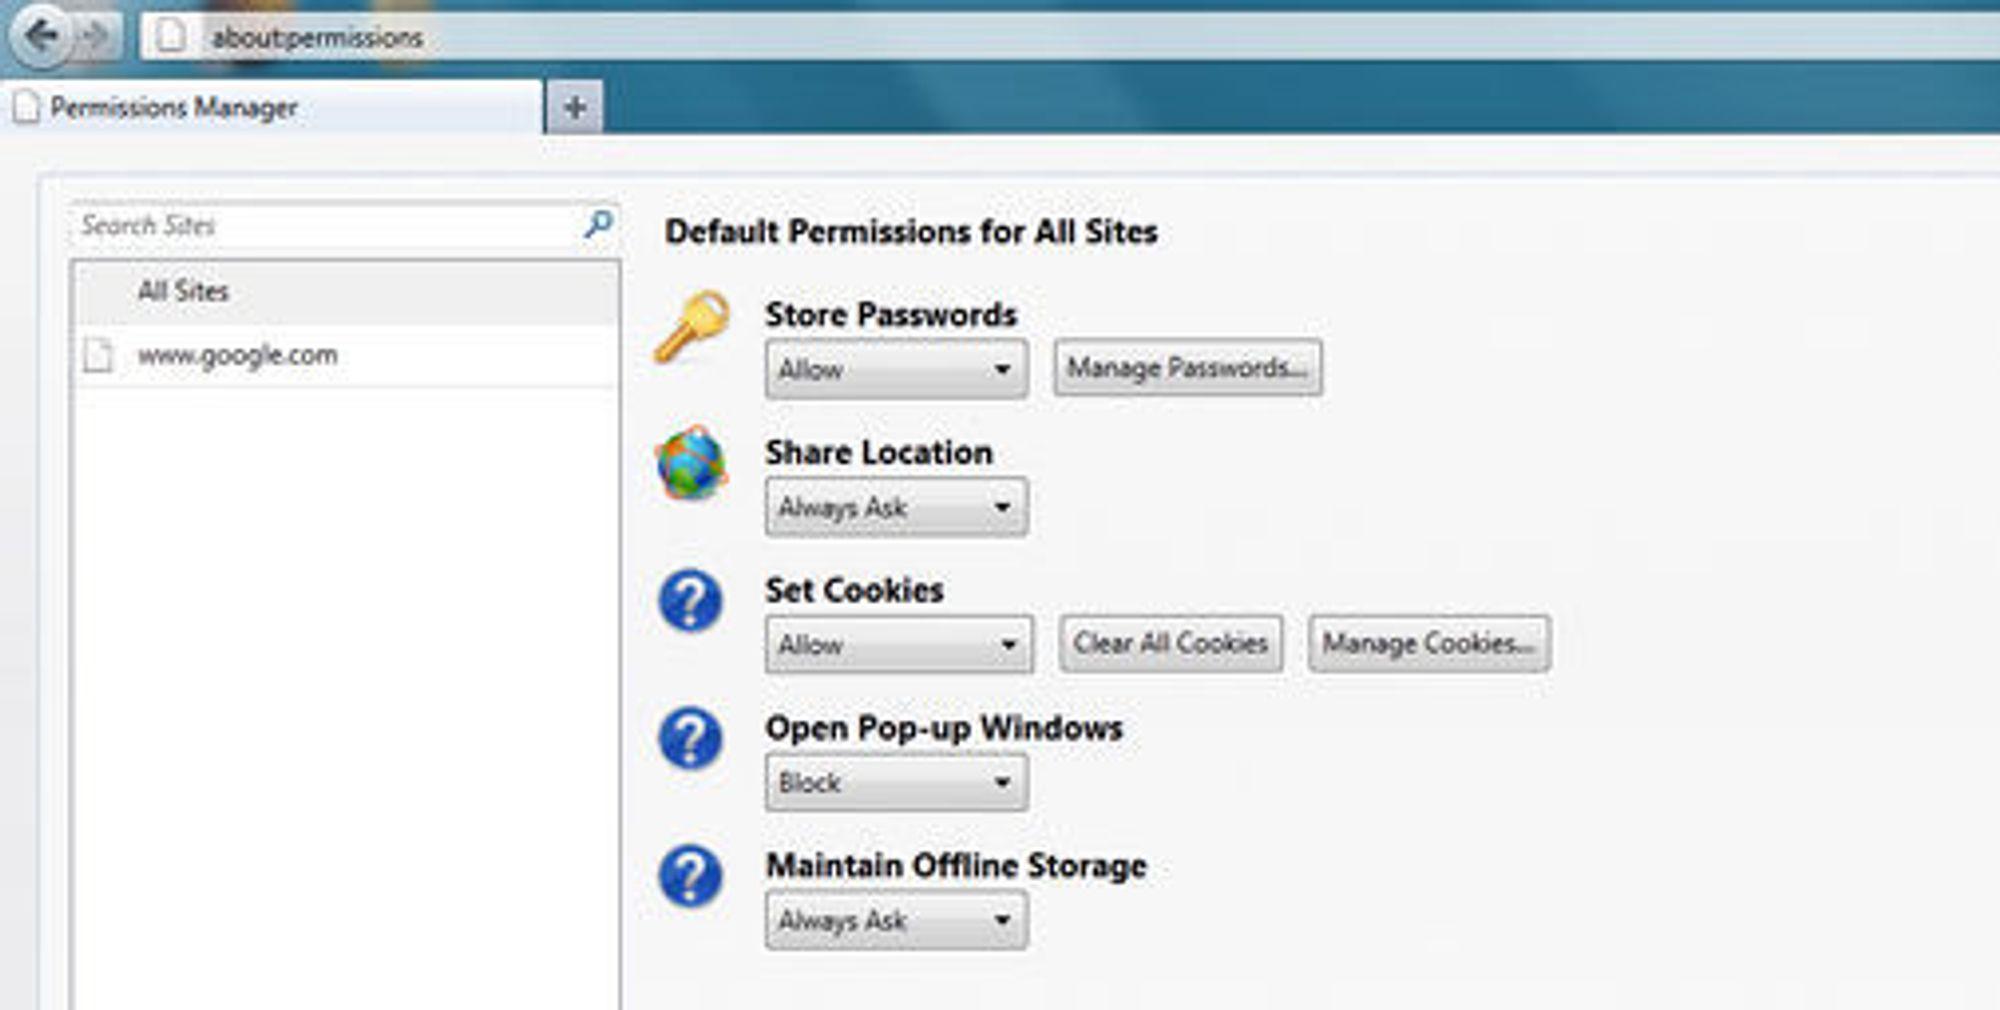 Brukerne skal få mer kontroll over data som utveksles med nettstedene ved hjelp av Data Management Window